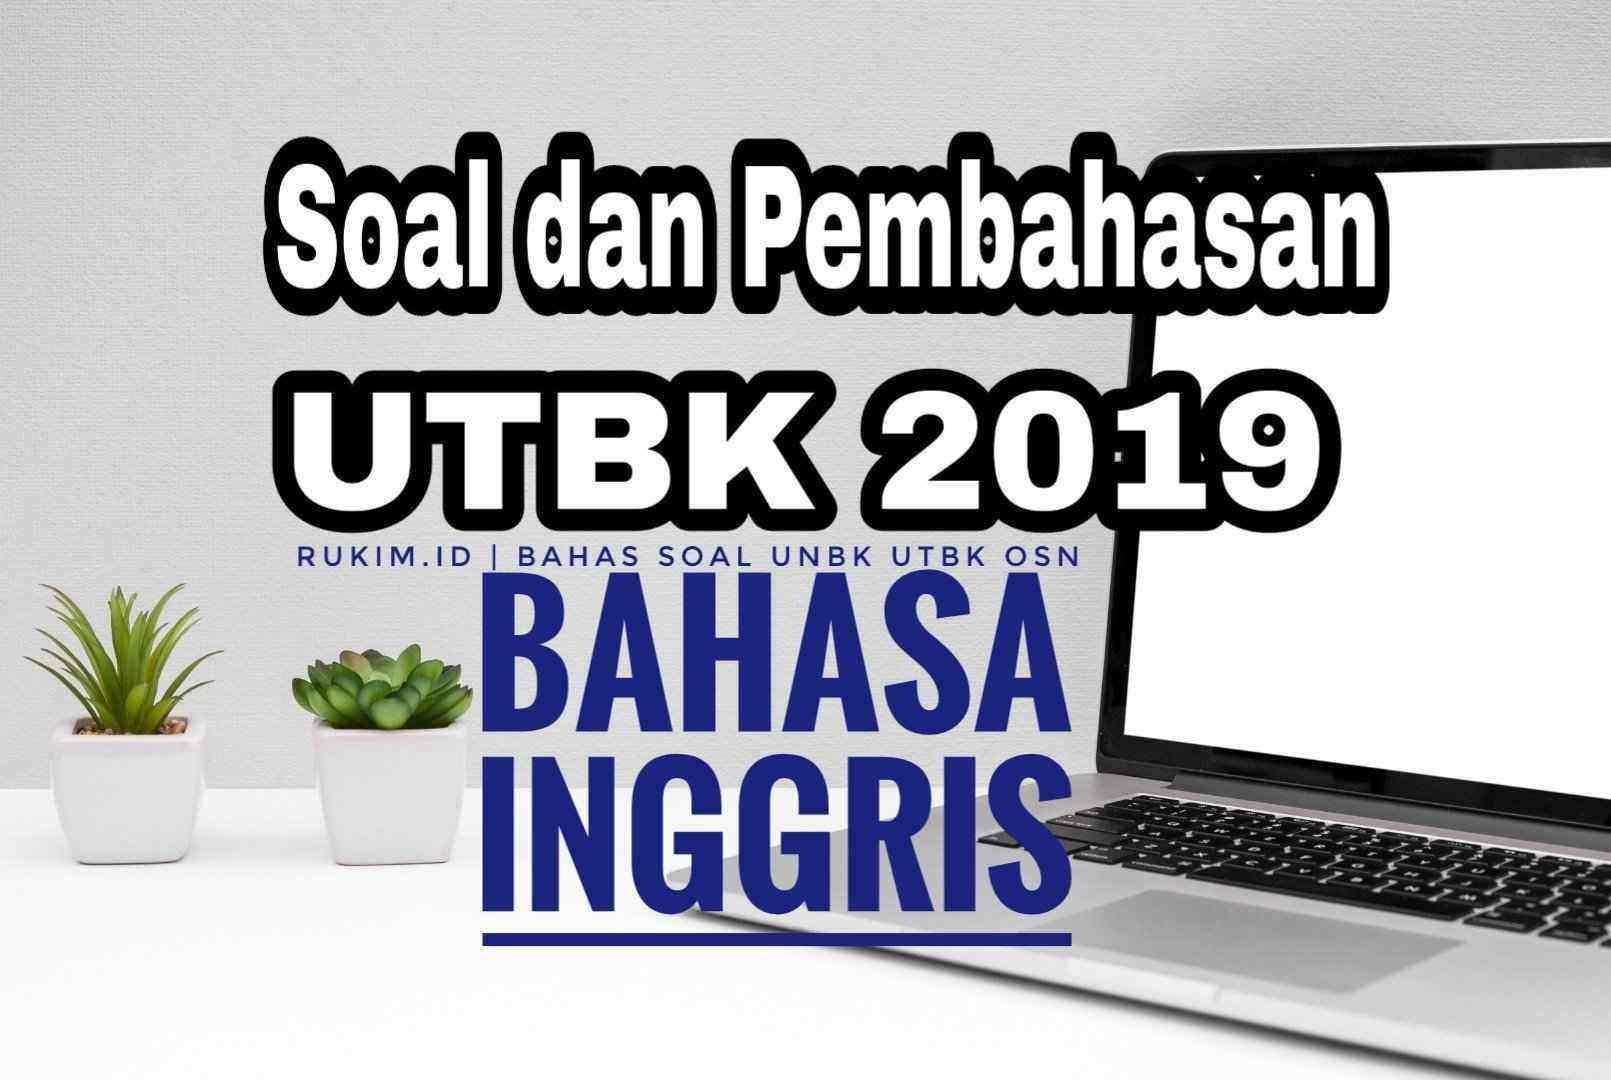 Download Pembahasan Soal UTBK Bahasa Inggris 2019